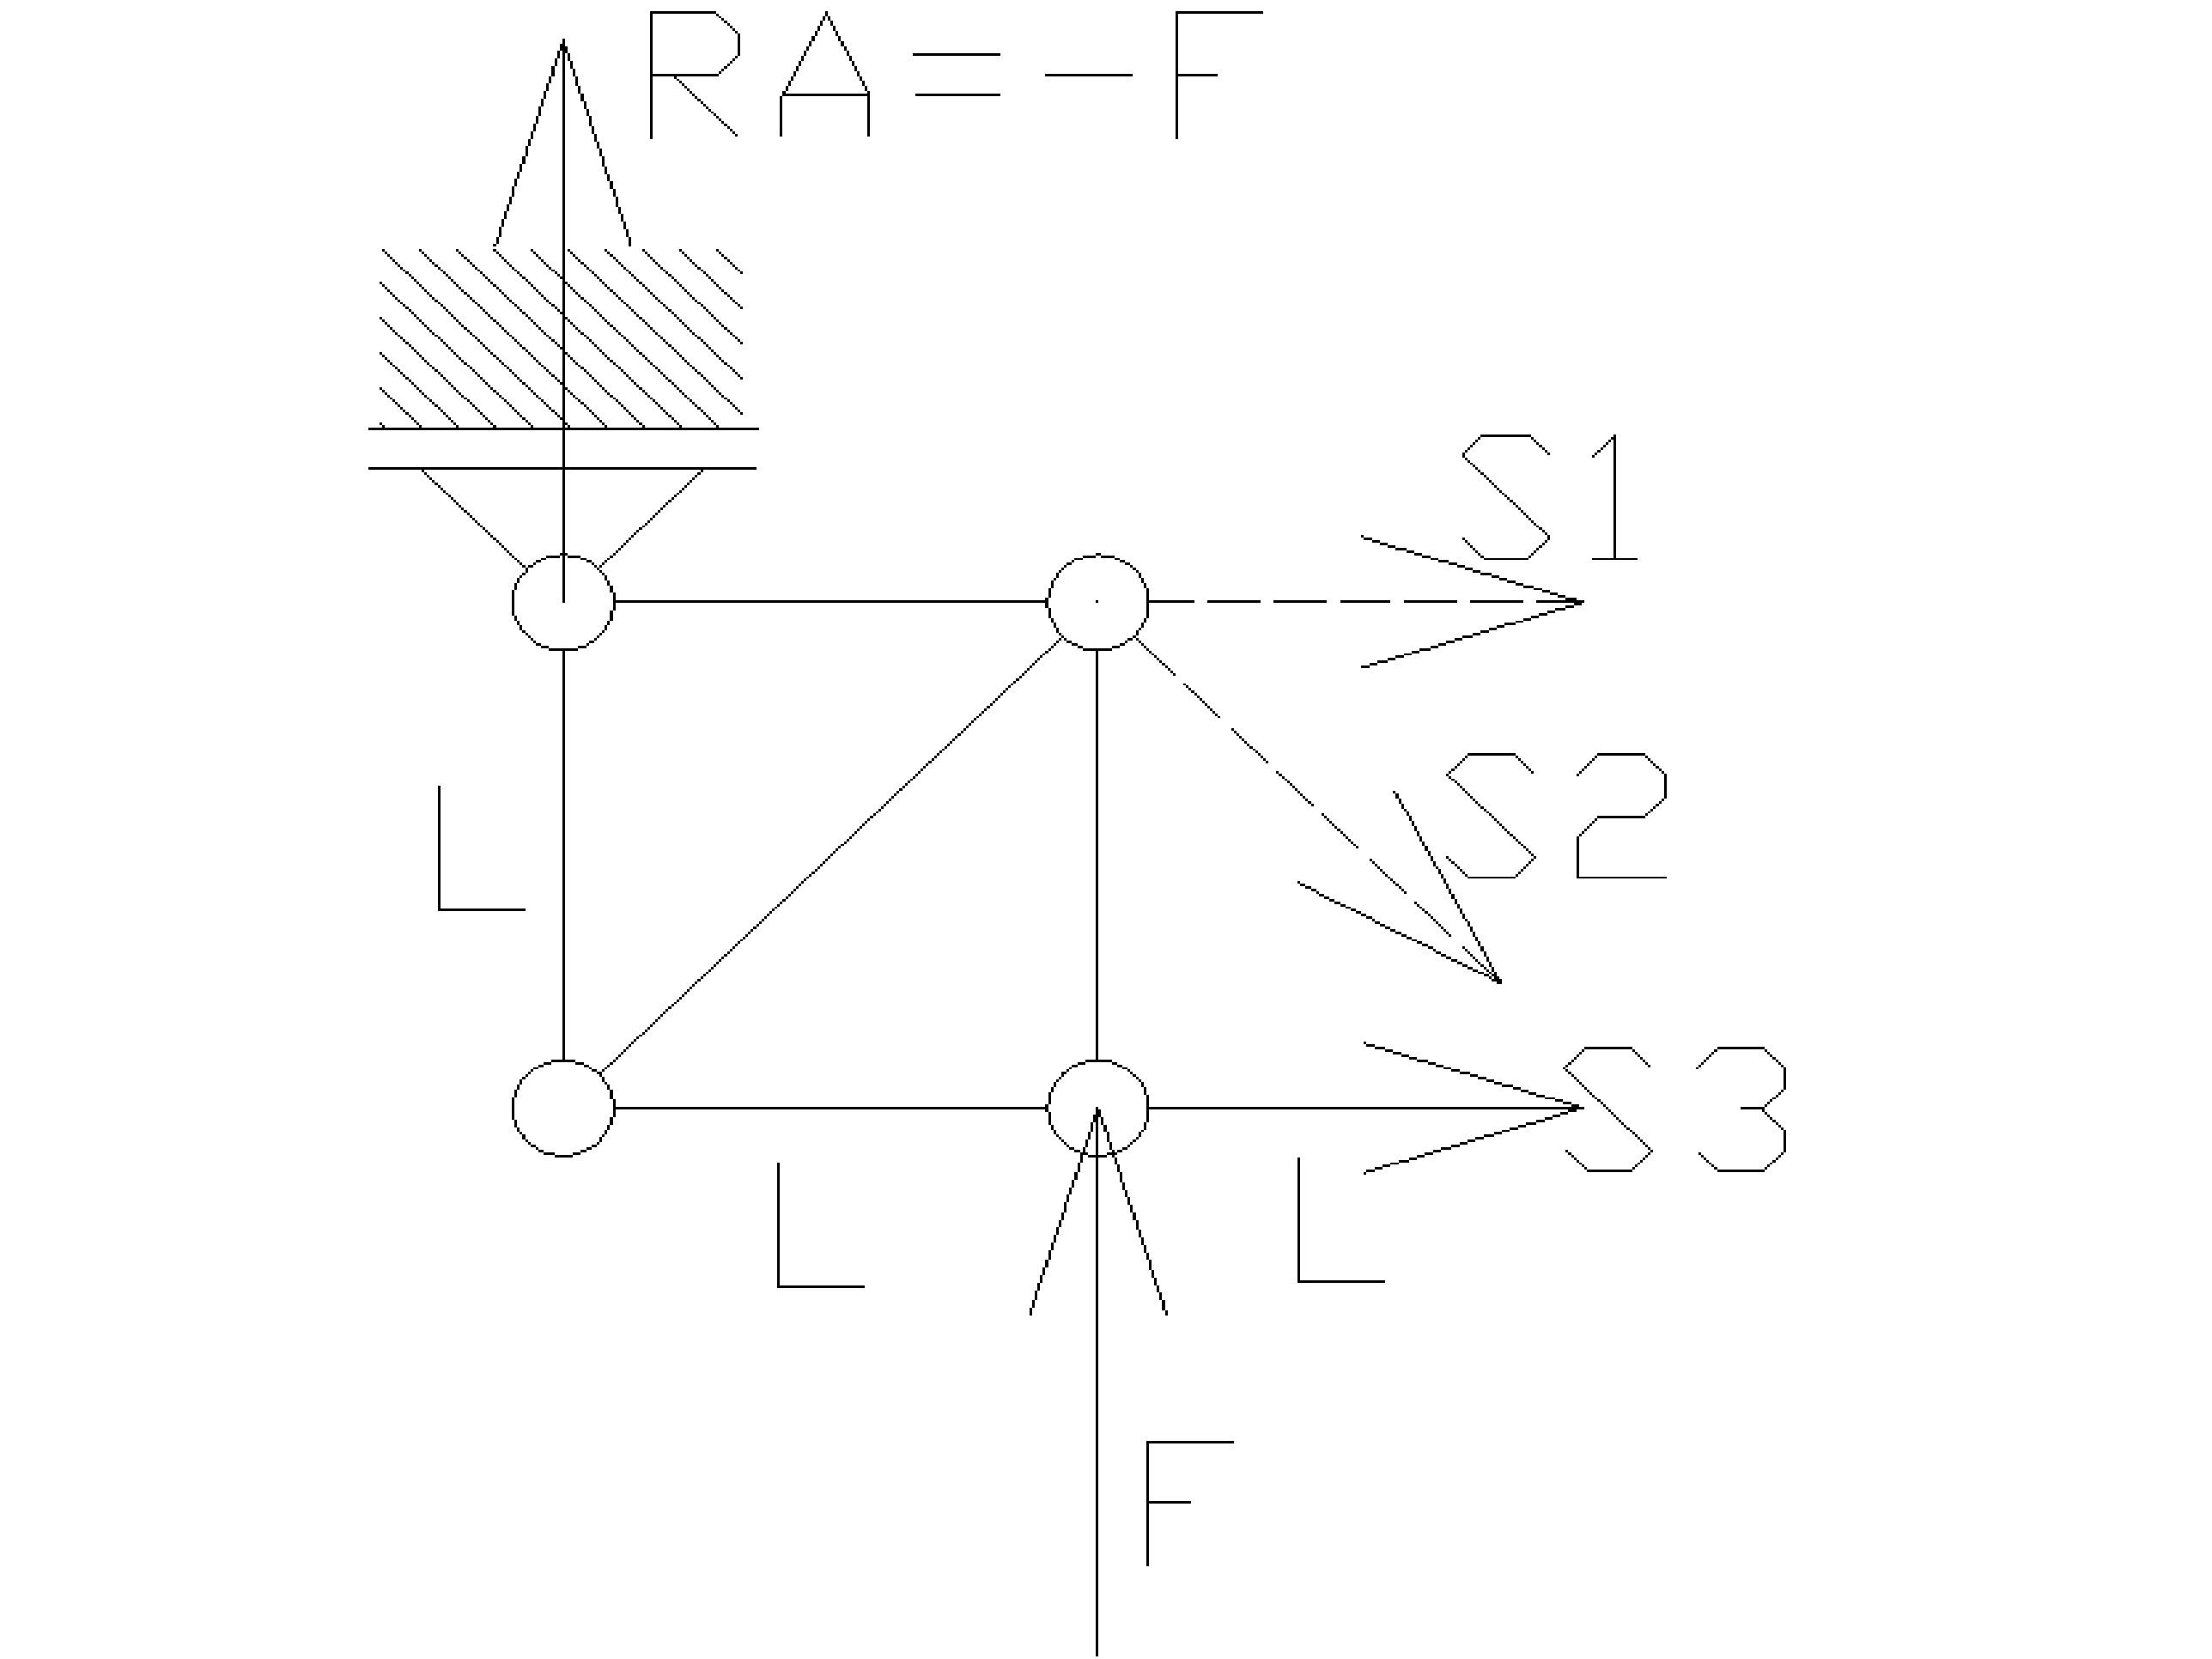 rozciaganie18 - Kratownica - metoda przecięć - statyka -zadanie 28